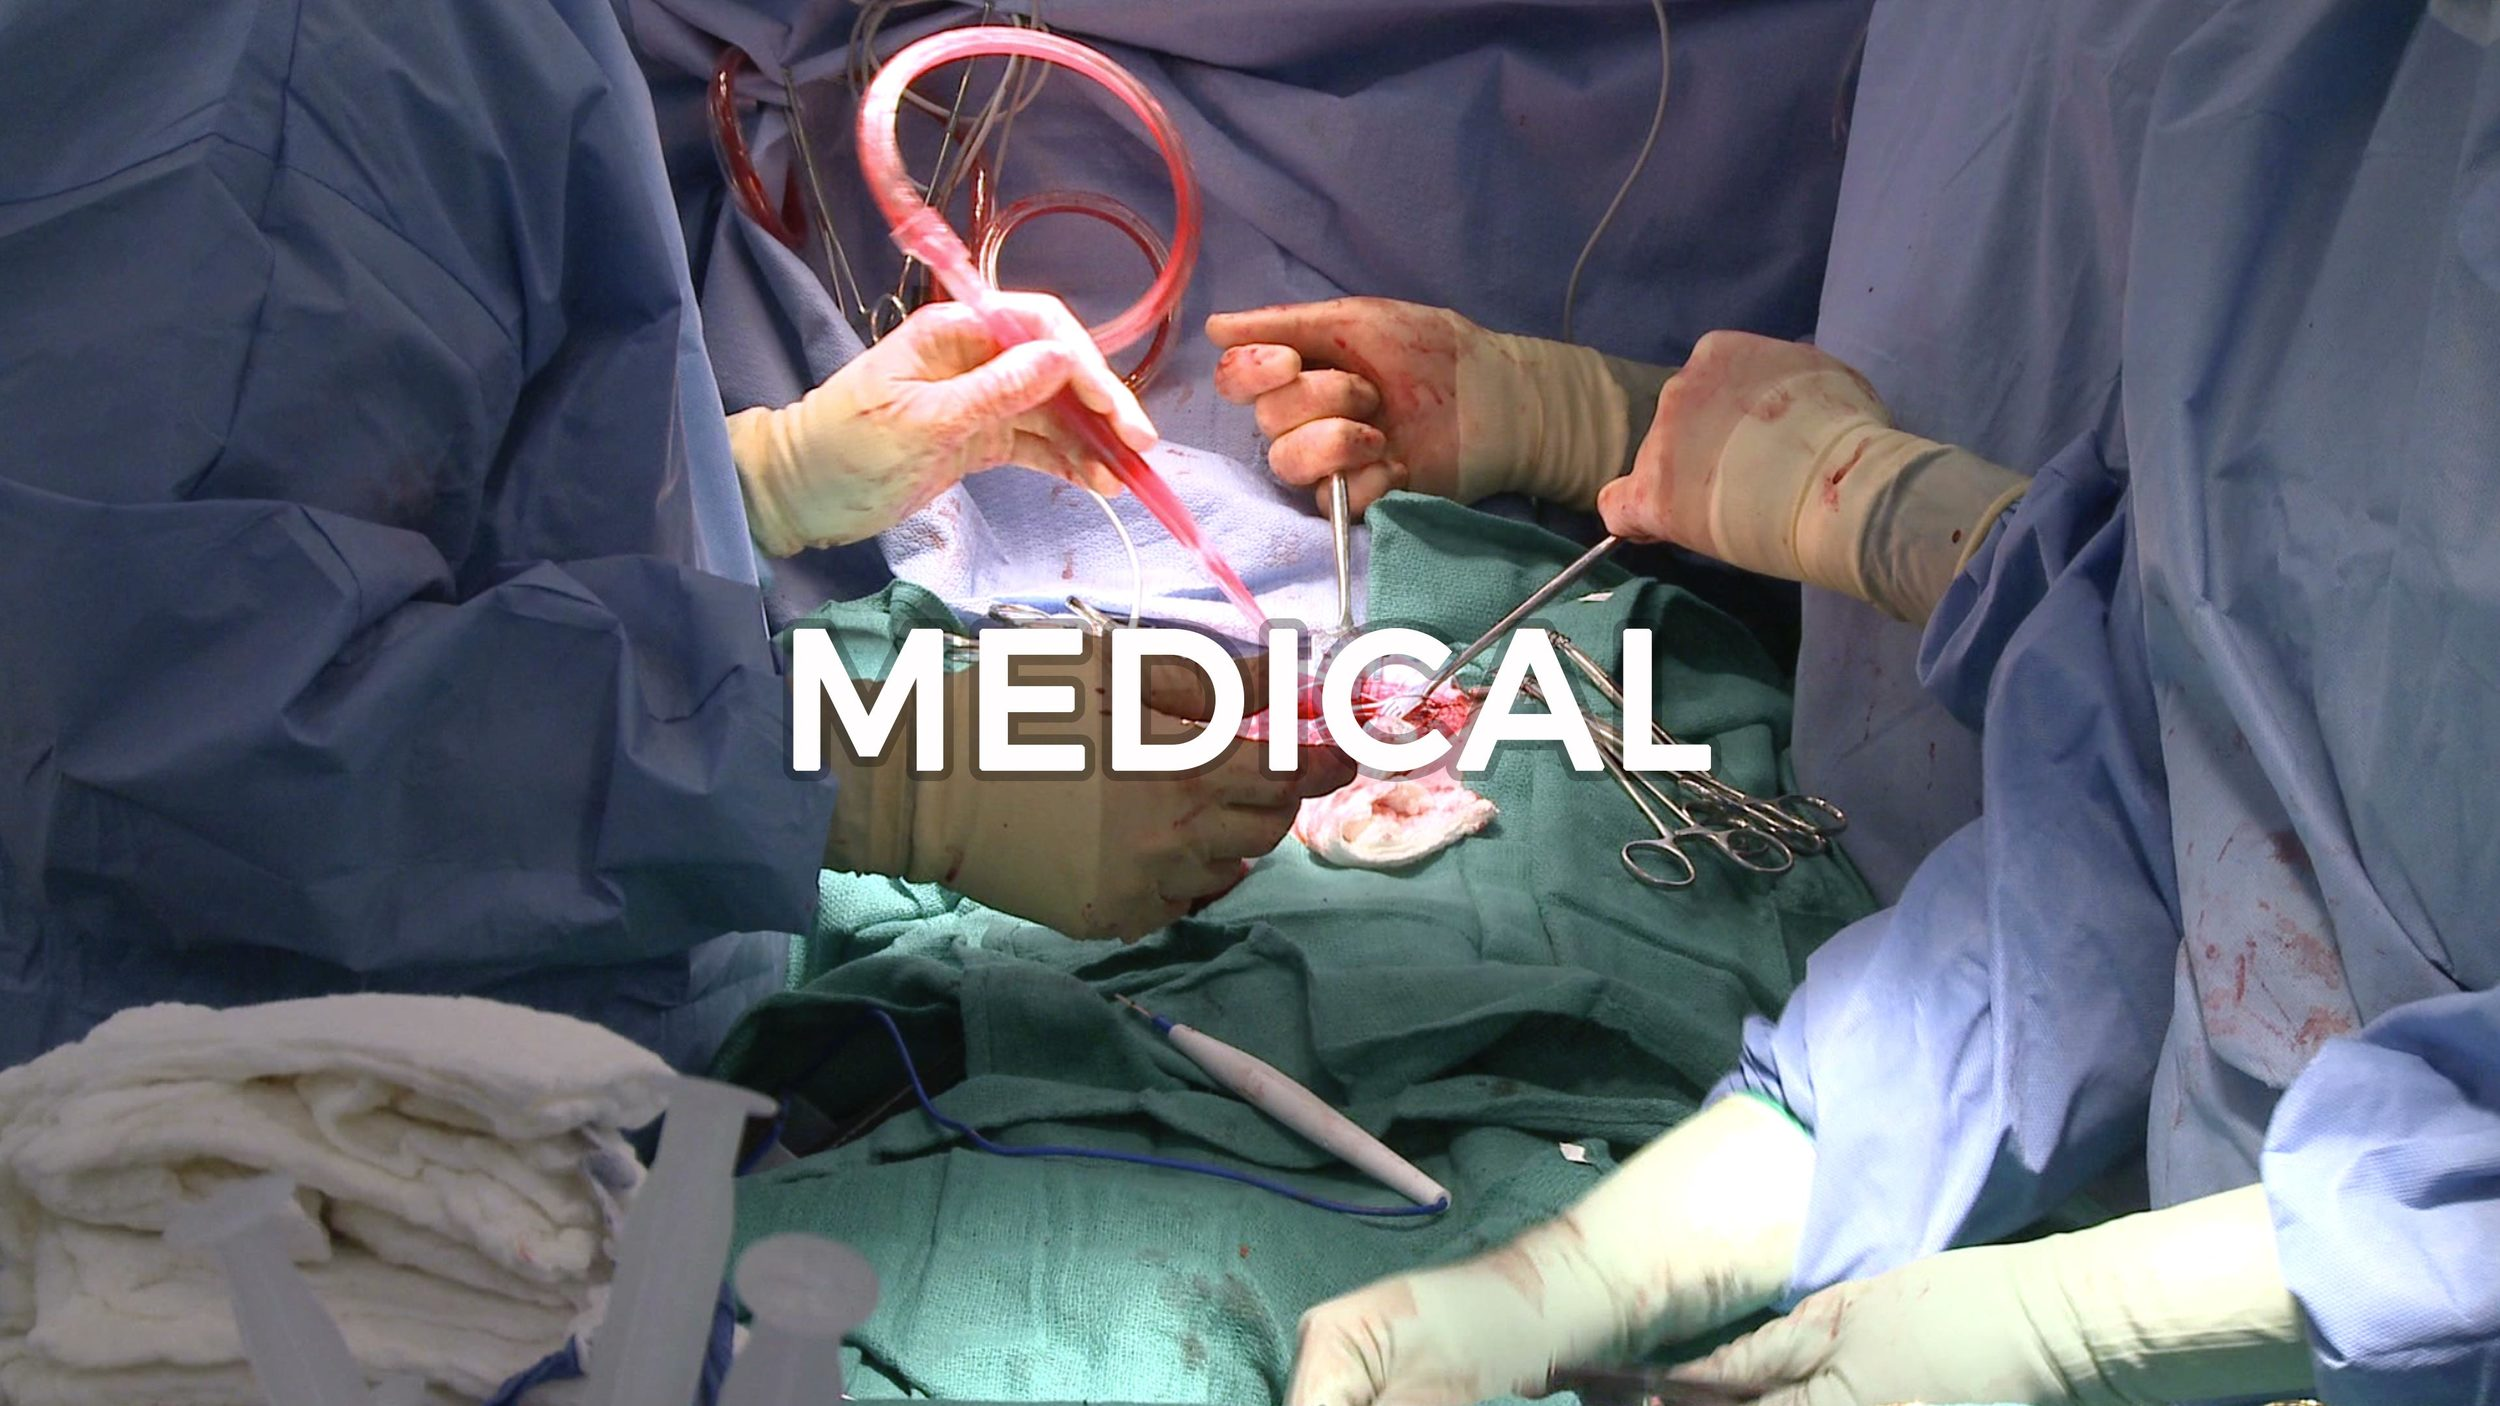 11Medical.jpg